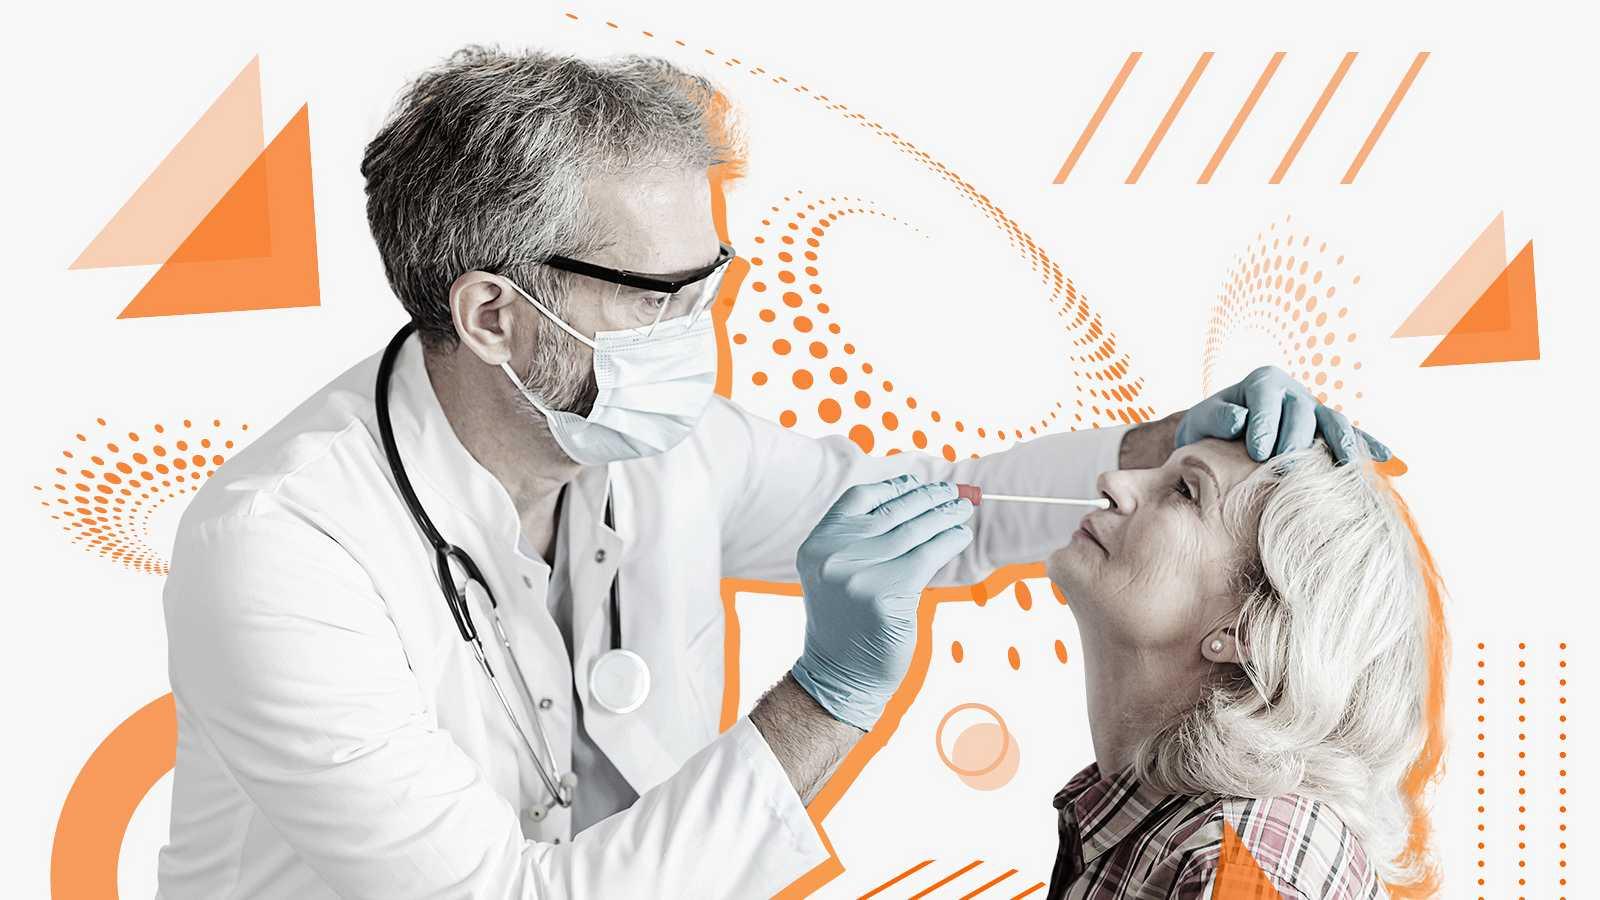 Pruebas diagnósticas para seguir el rastro del coronavirus